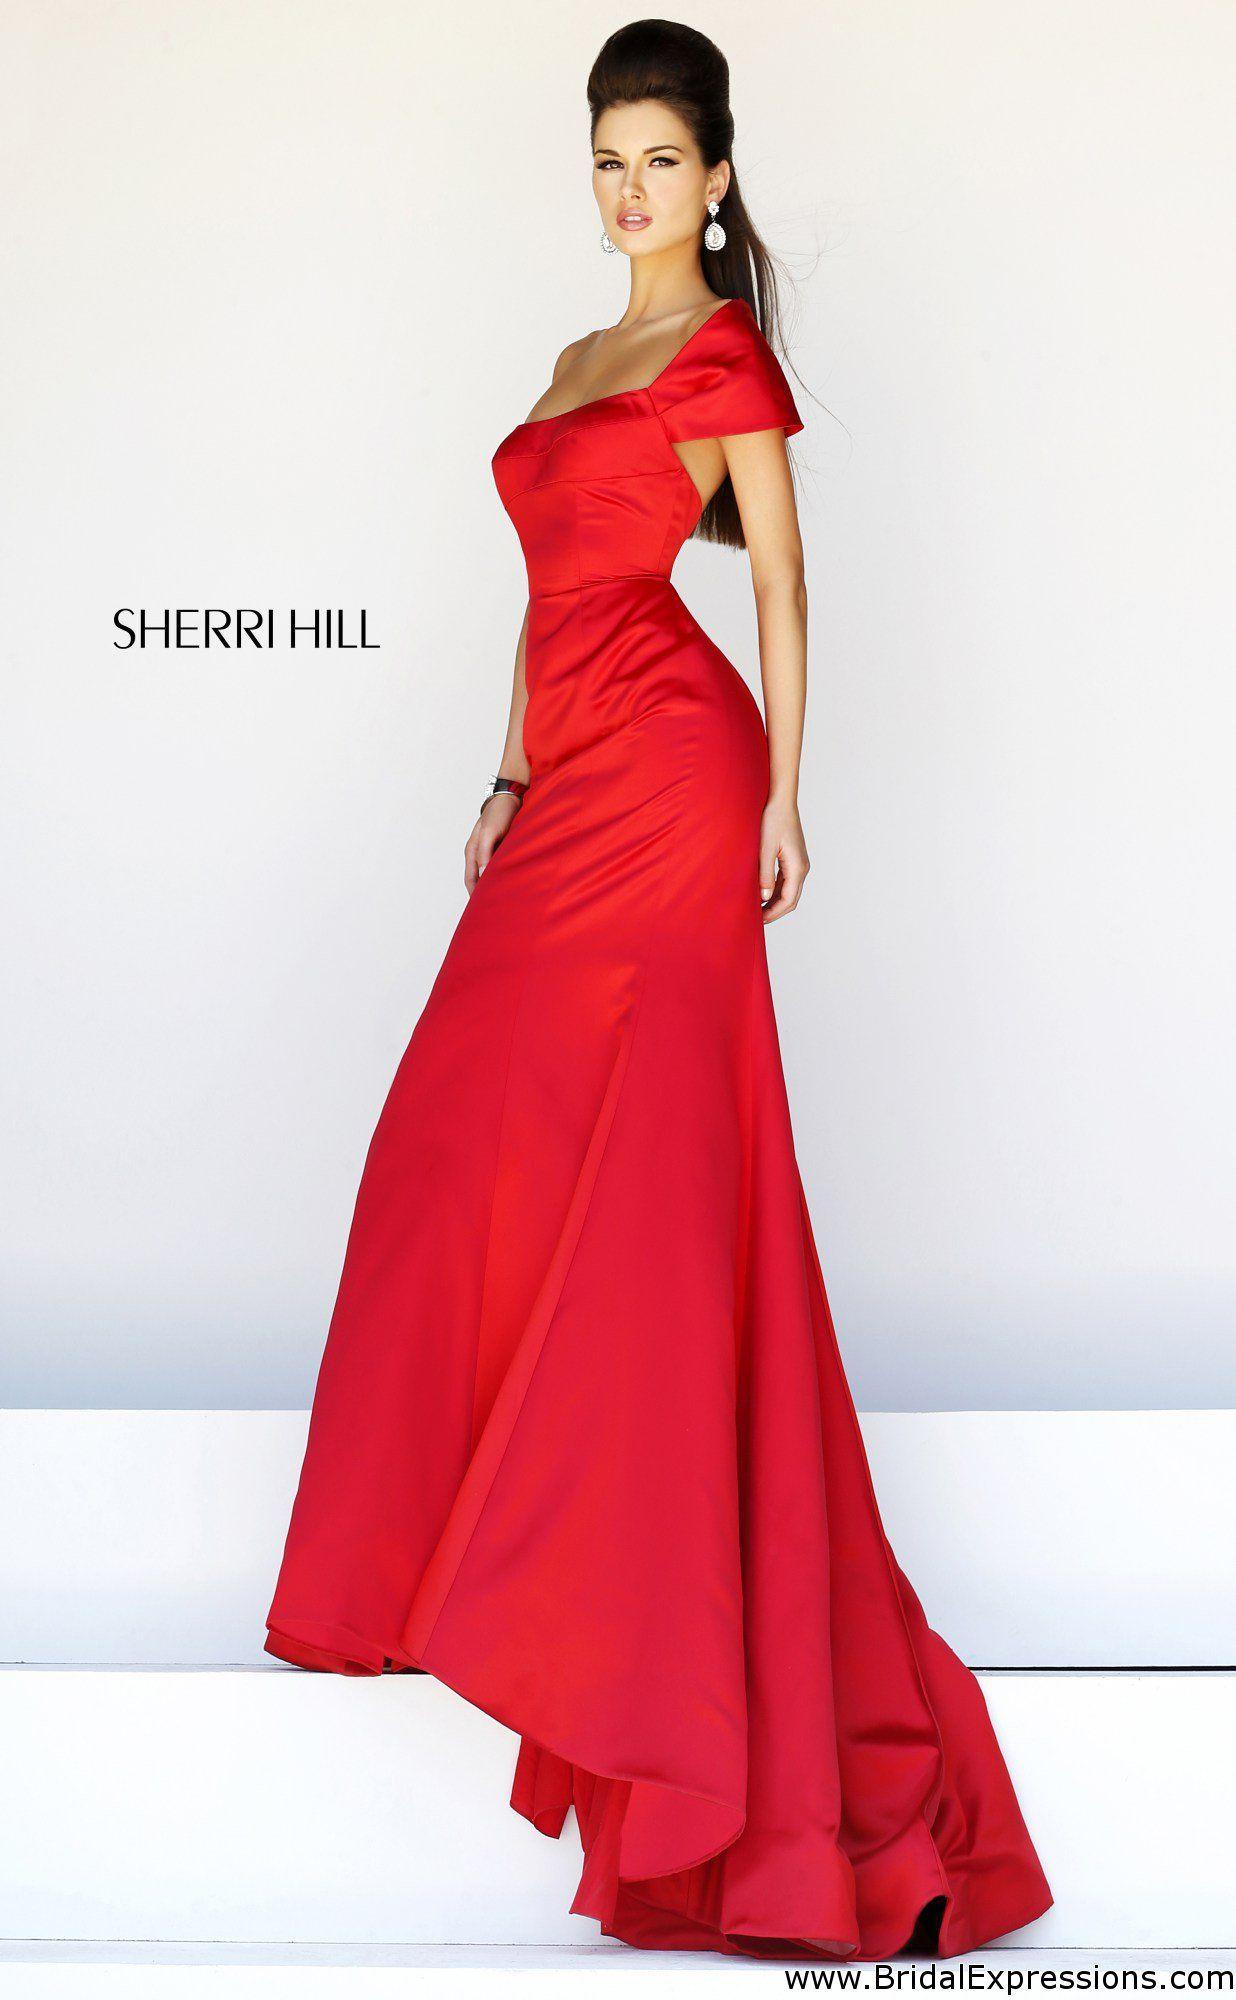 Sherri hill satin mermaid prom dress maxi bottom pinterest